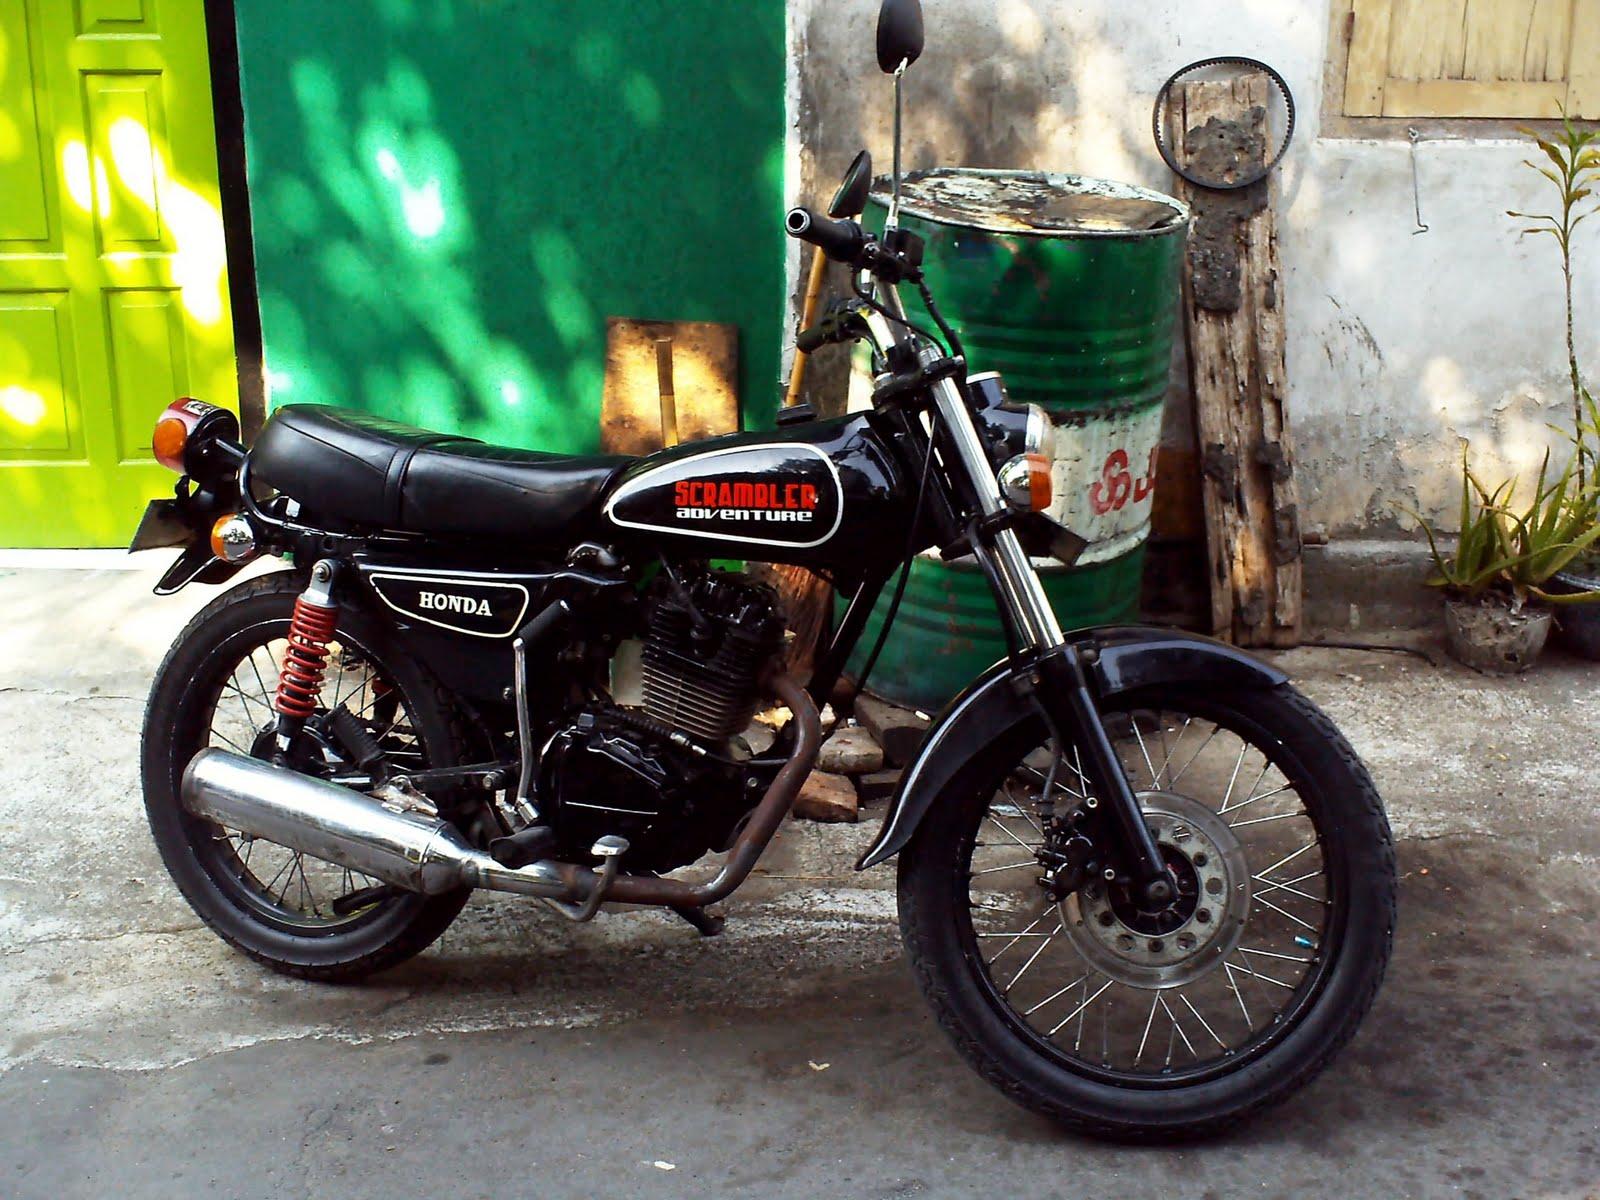 Harga Motor Gl 100 Modif Cb Motor